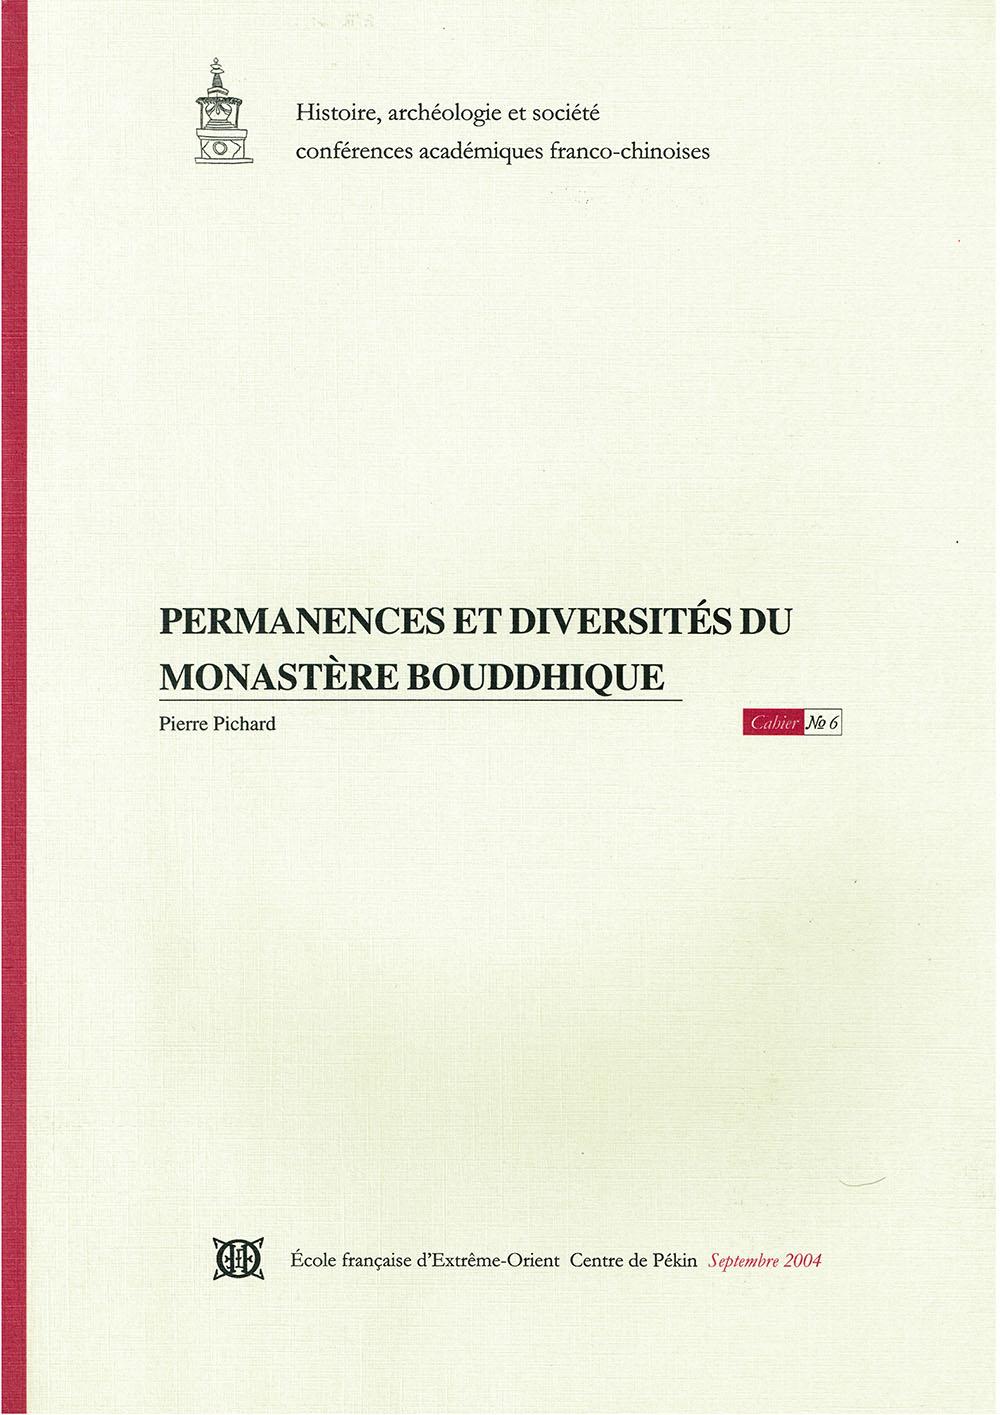 Permanences et diversités du monastère bouddhique